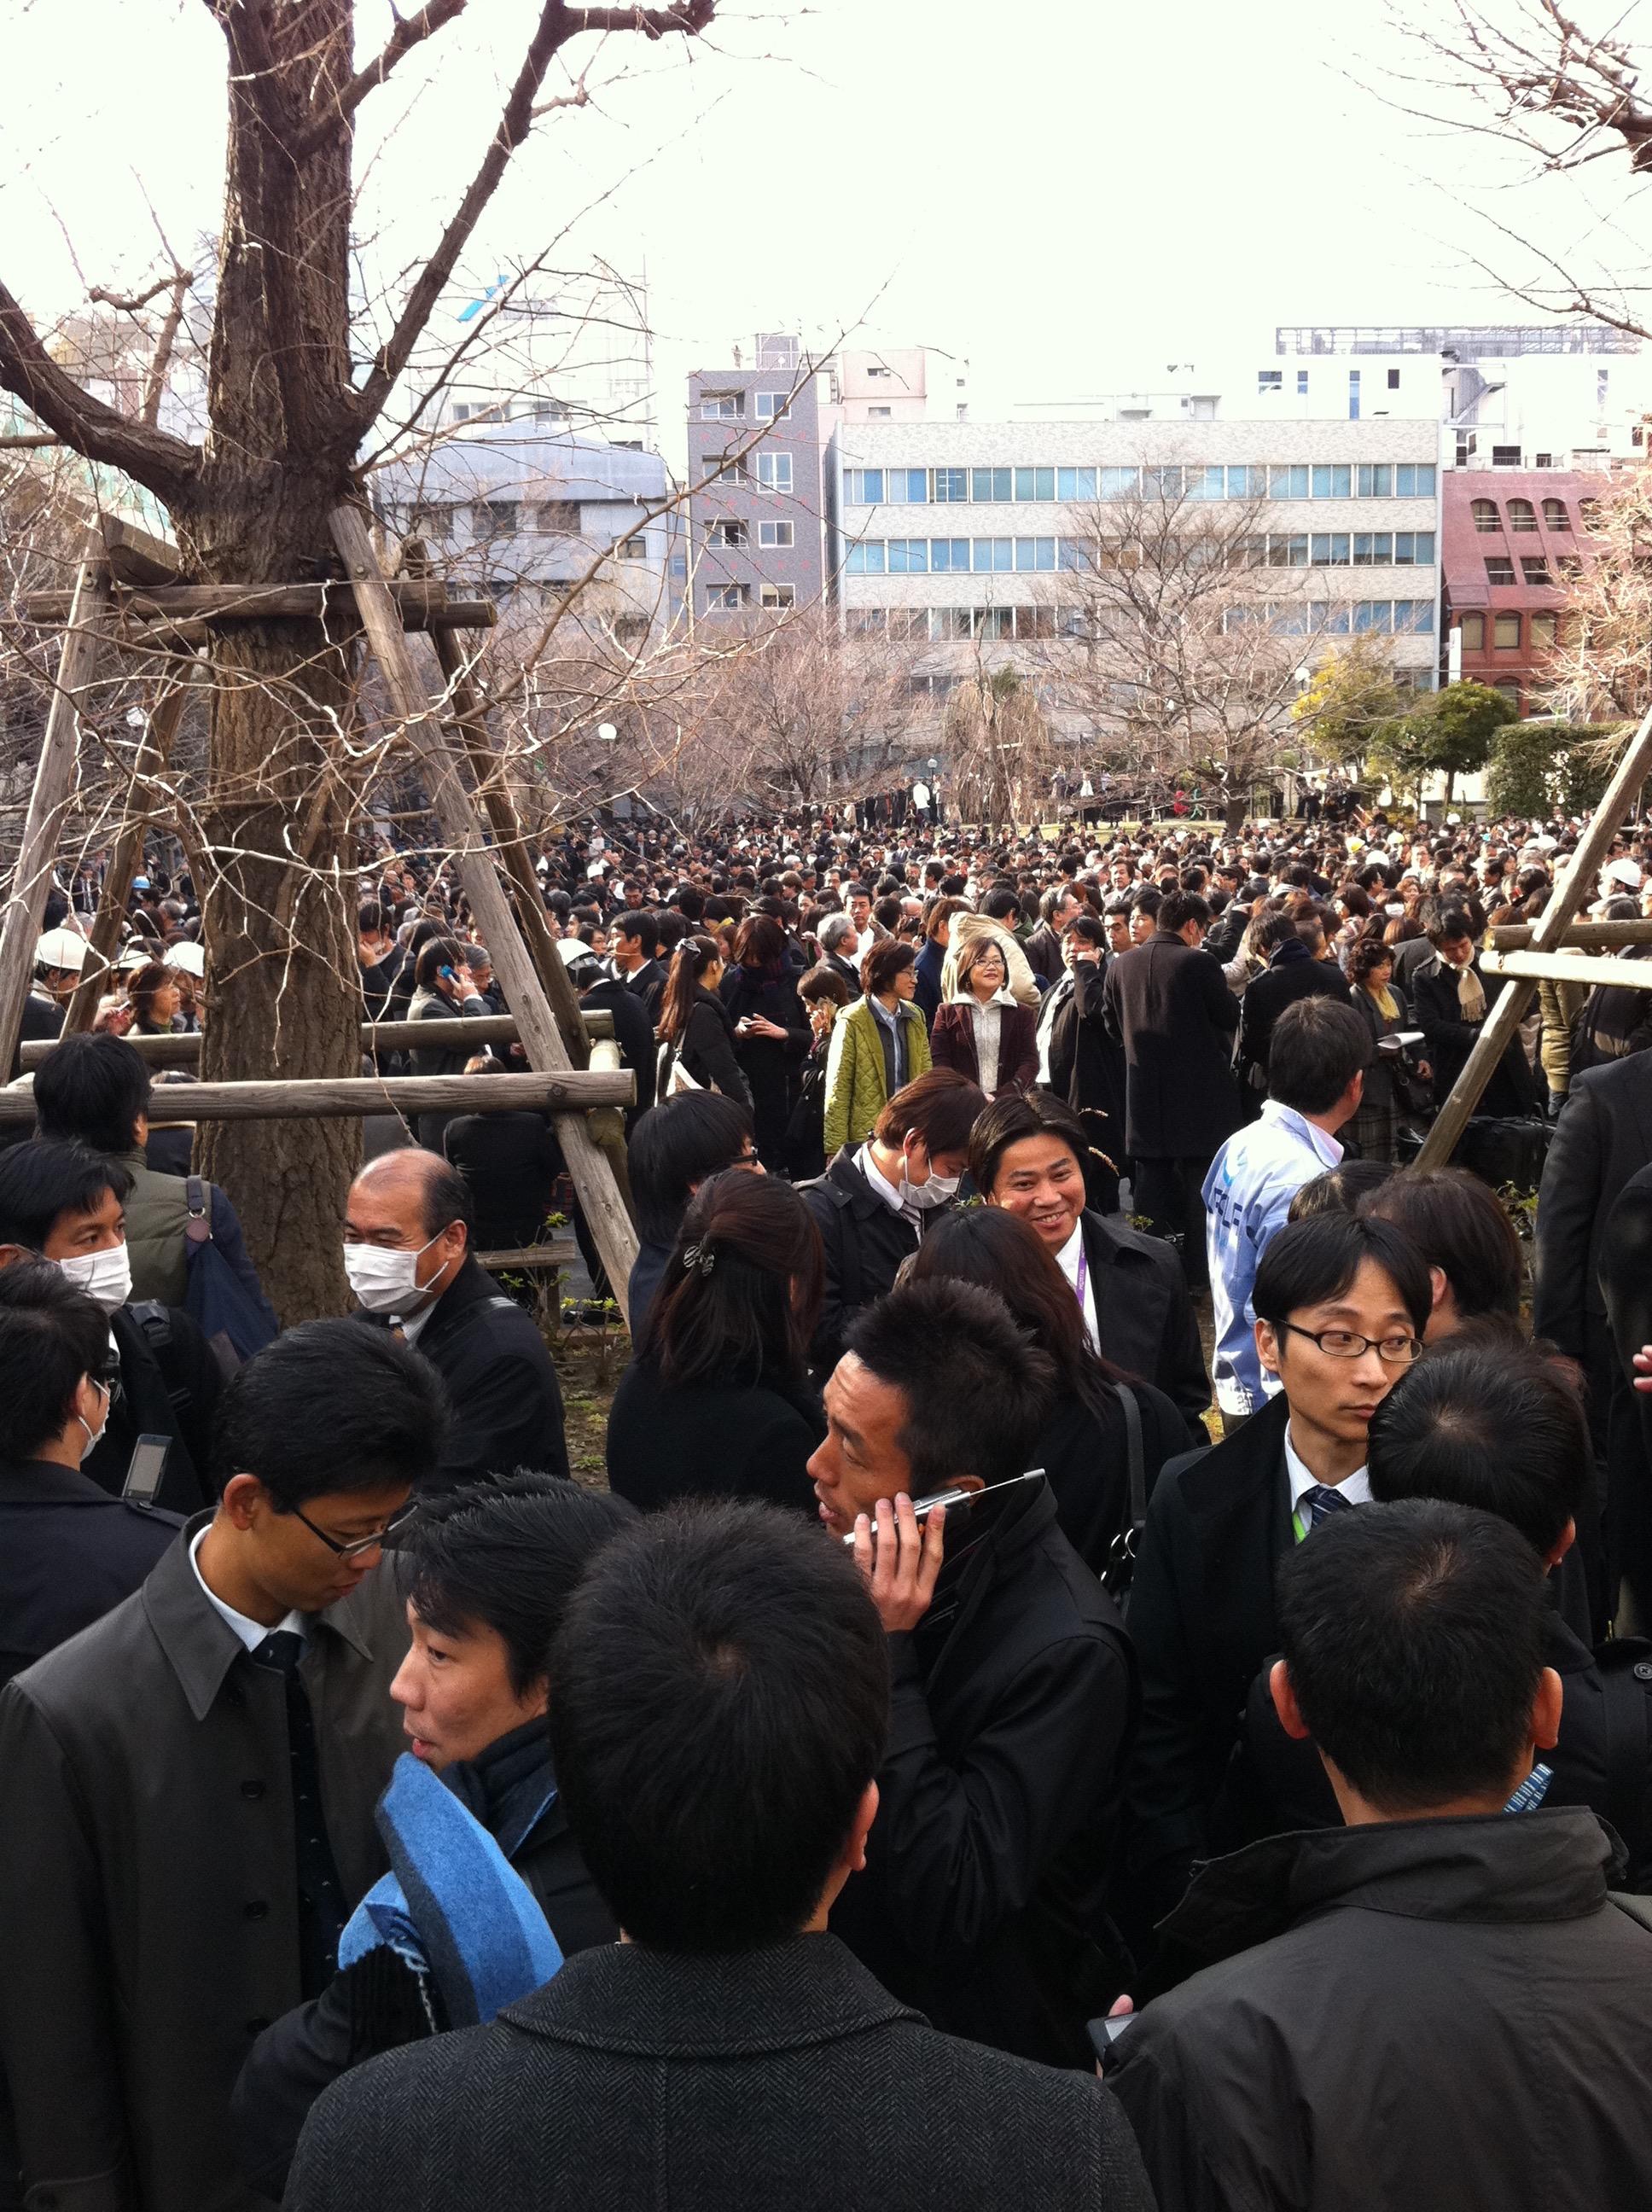 2011年(平成23年)3月11日(金)震災直後の避難場所の坂本町公園(東京都中央区日本橋兜町)の様子